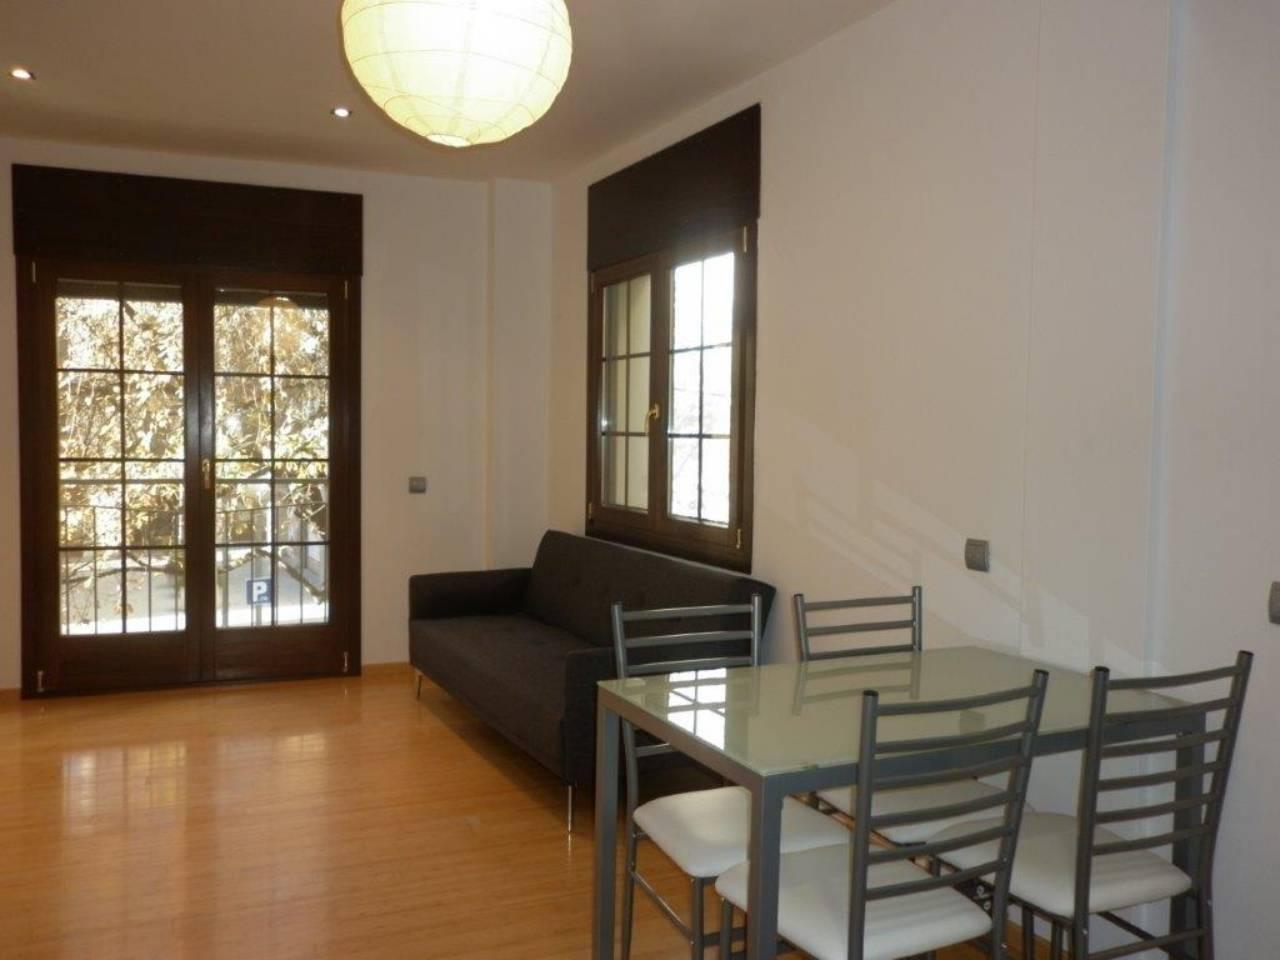 Alquiler Piso  Calle gassó, 4. Superf. 55 m², útil 55 m²,  1 habitación doble,  1 baño, cocina